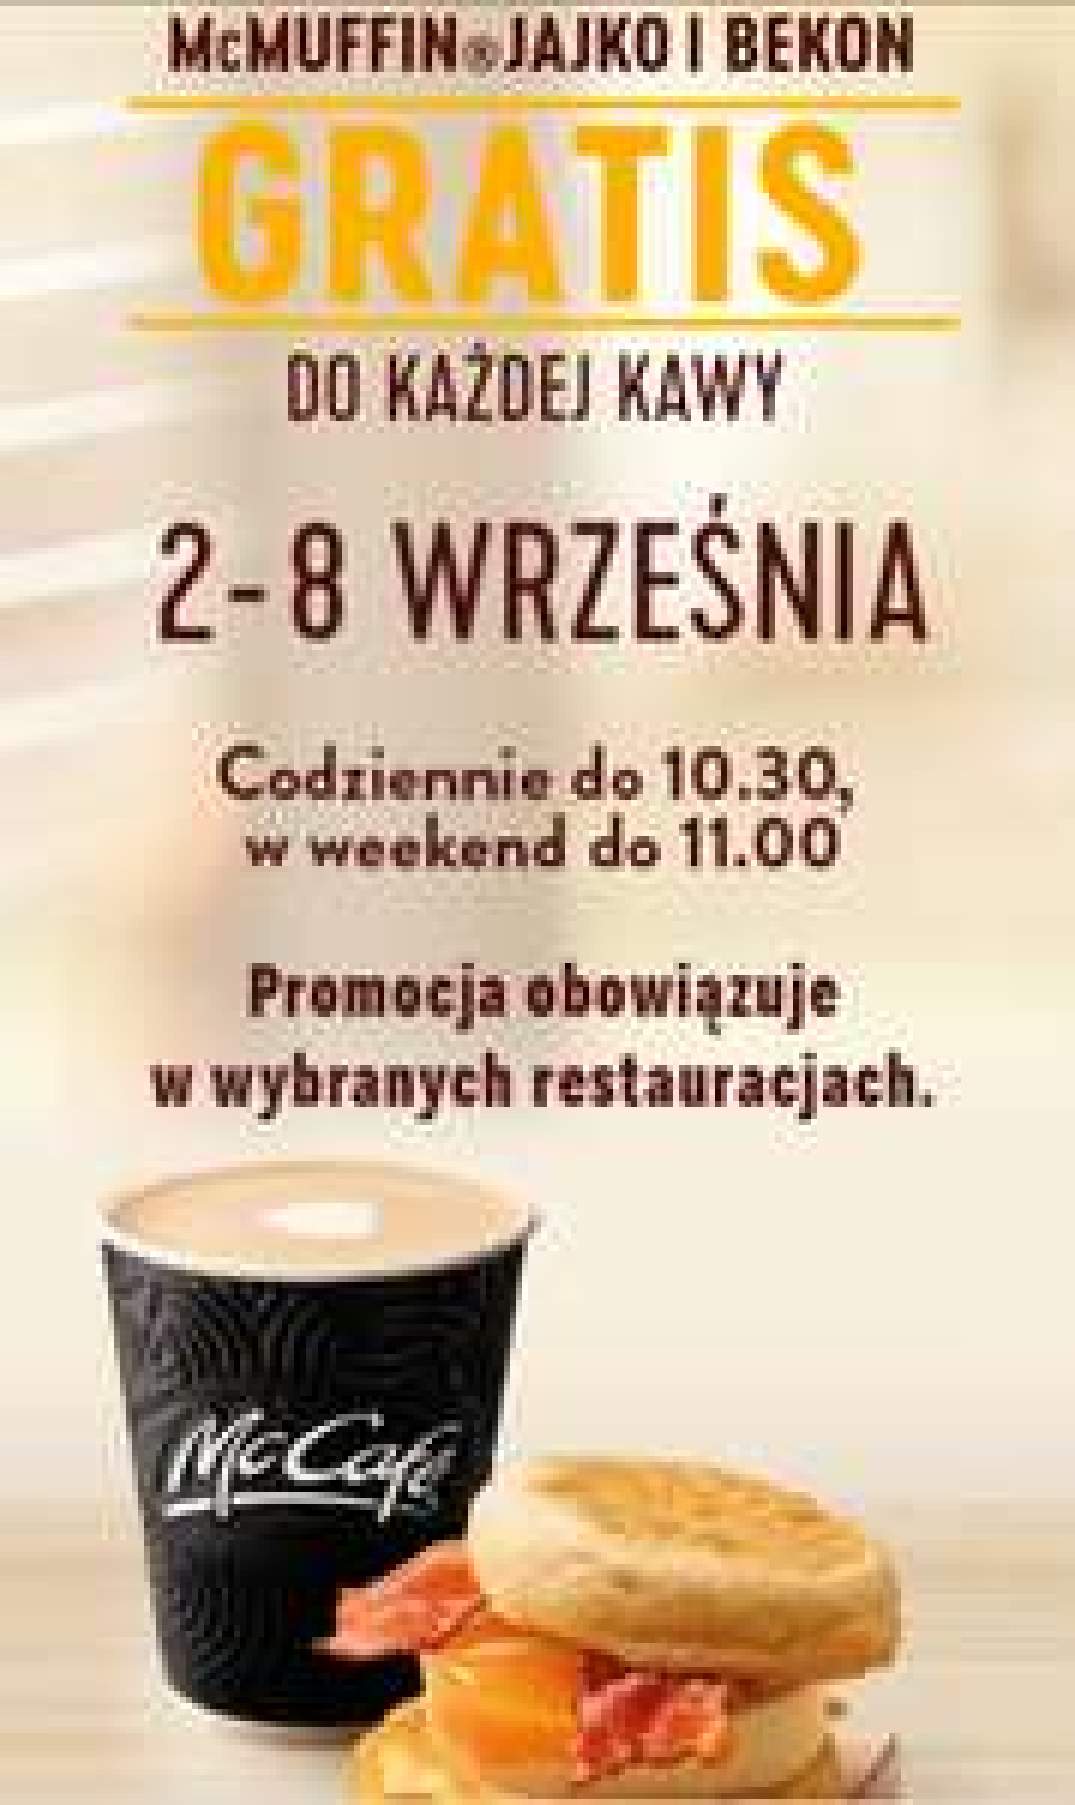 McMuffin gratis do każdej kawy! (2-8.09) MCDONALD'S